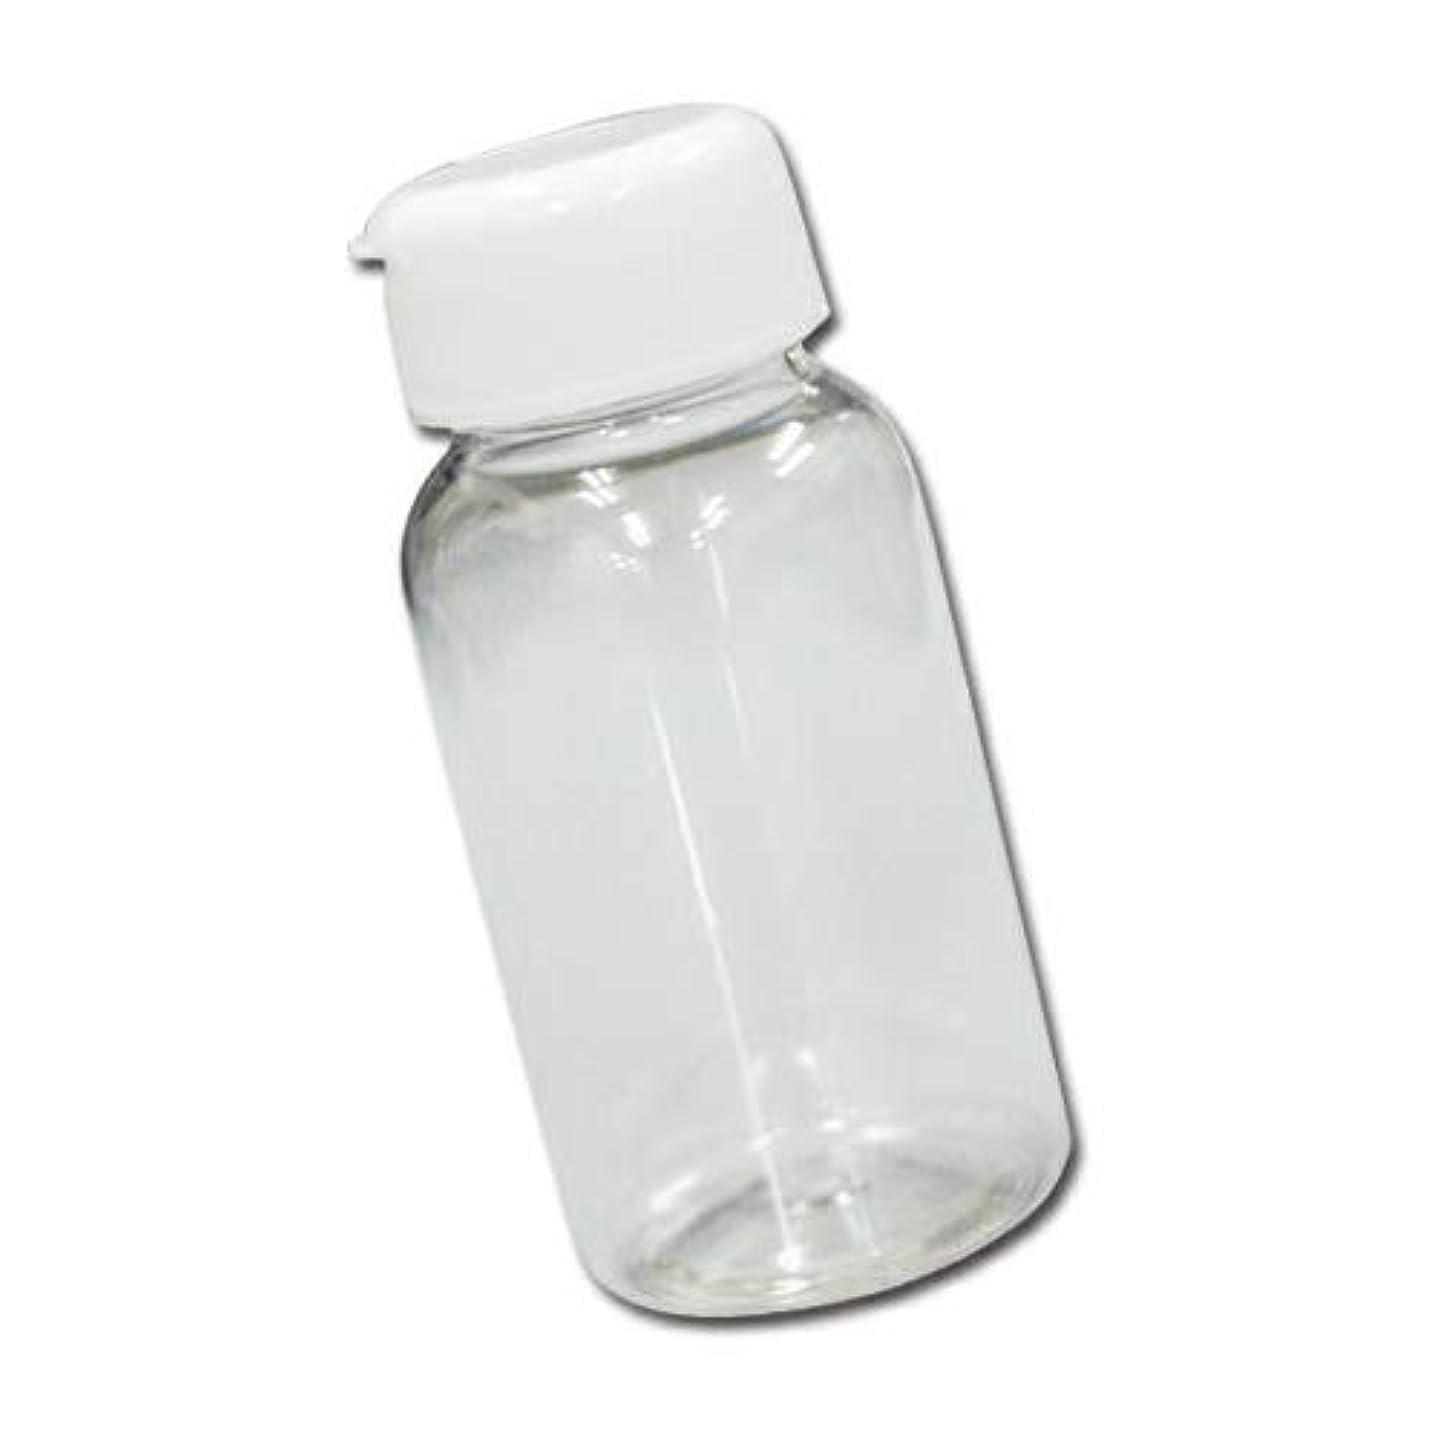 誕生日スキル頻繁にパウダー用詰め替え容器200mlボトル│業務用マッサージパウダーや調味料の小分けに最適な穴あき詰め替えボトル